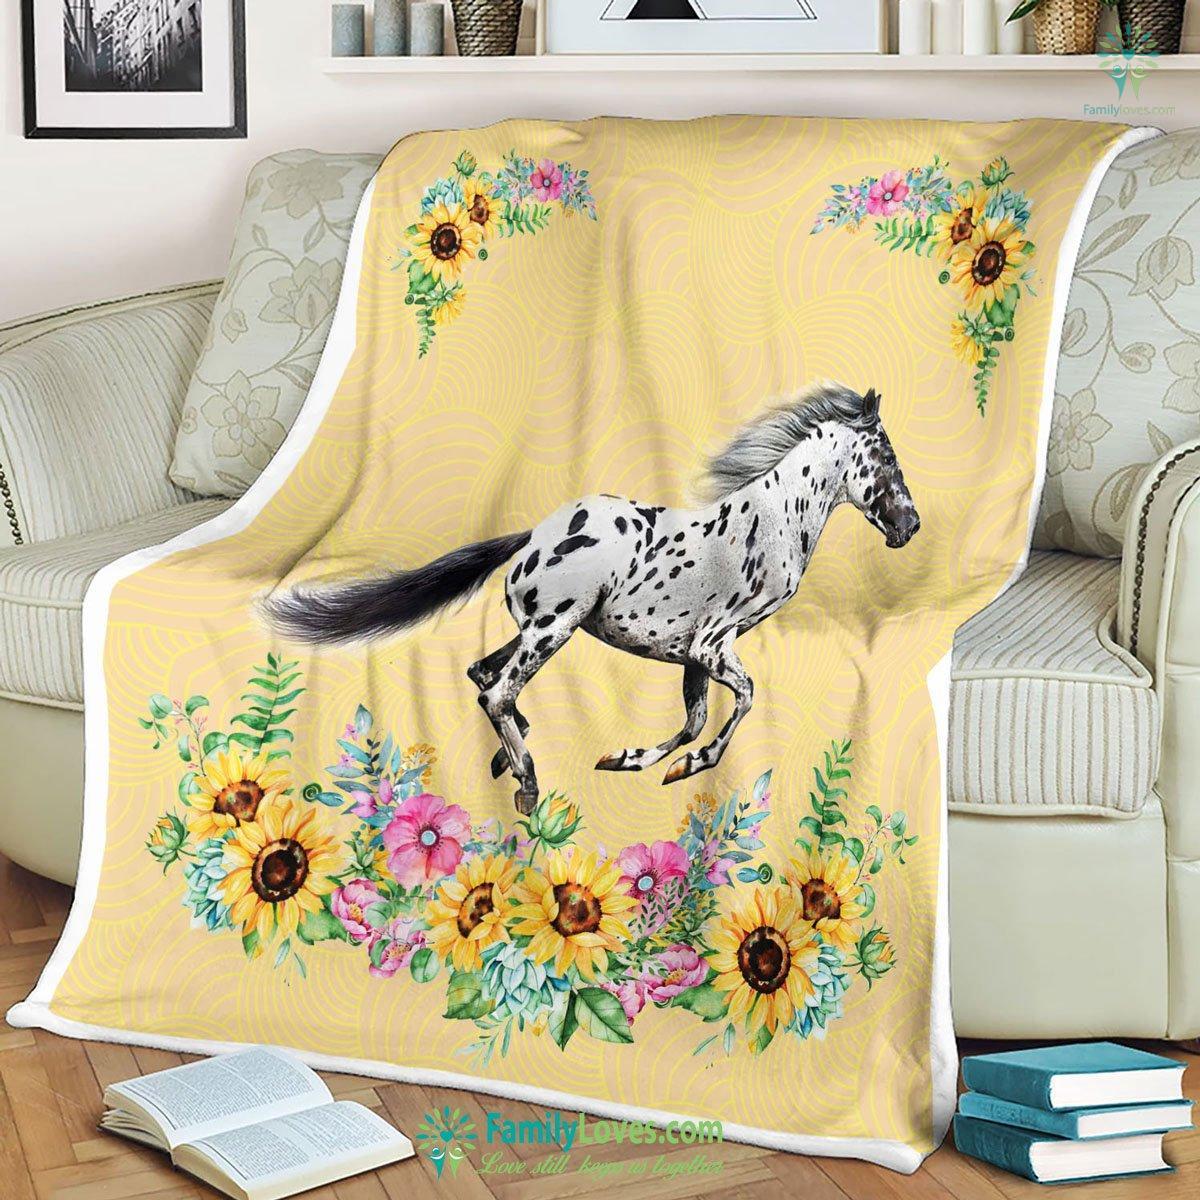 Appaloosa Flower Blanket 6 Familyloves.com